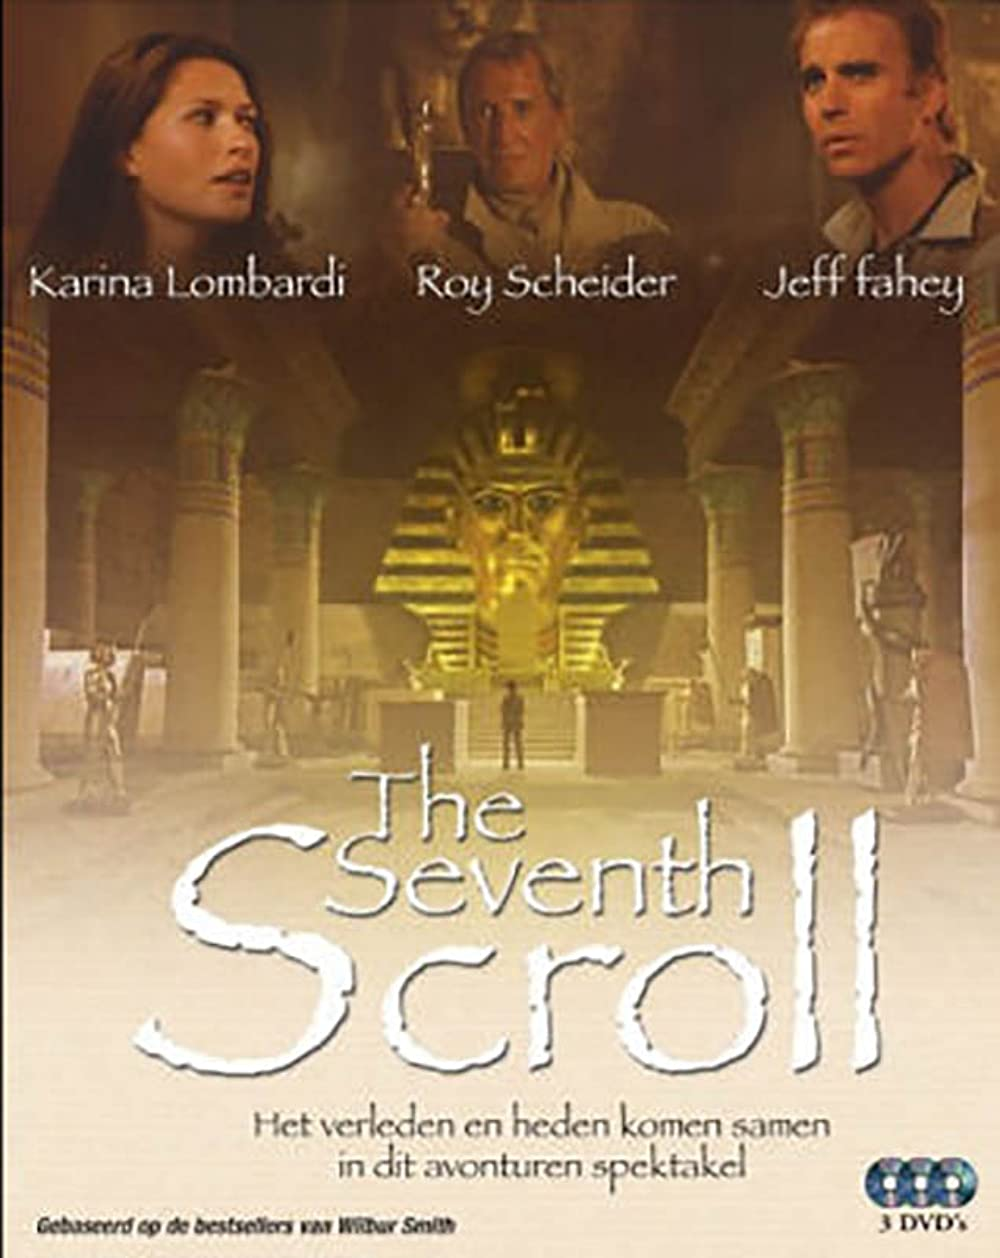 Cuộn giấy thứ bảy - The seventh scroll (1999)